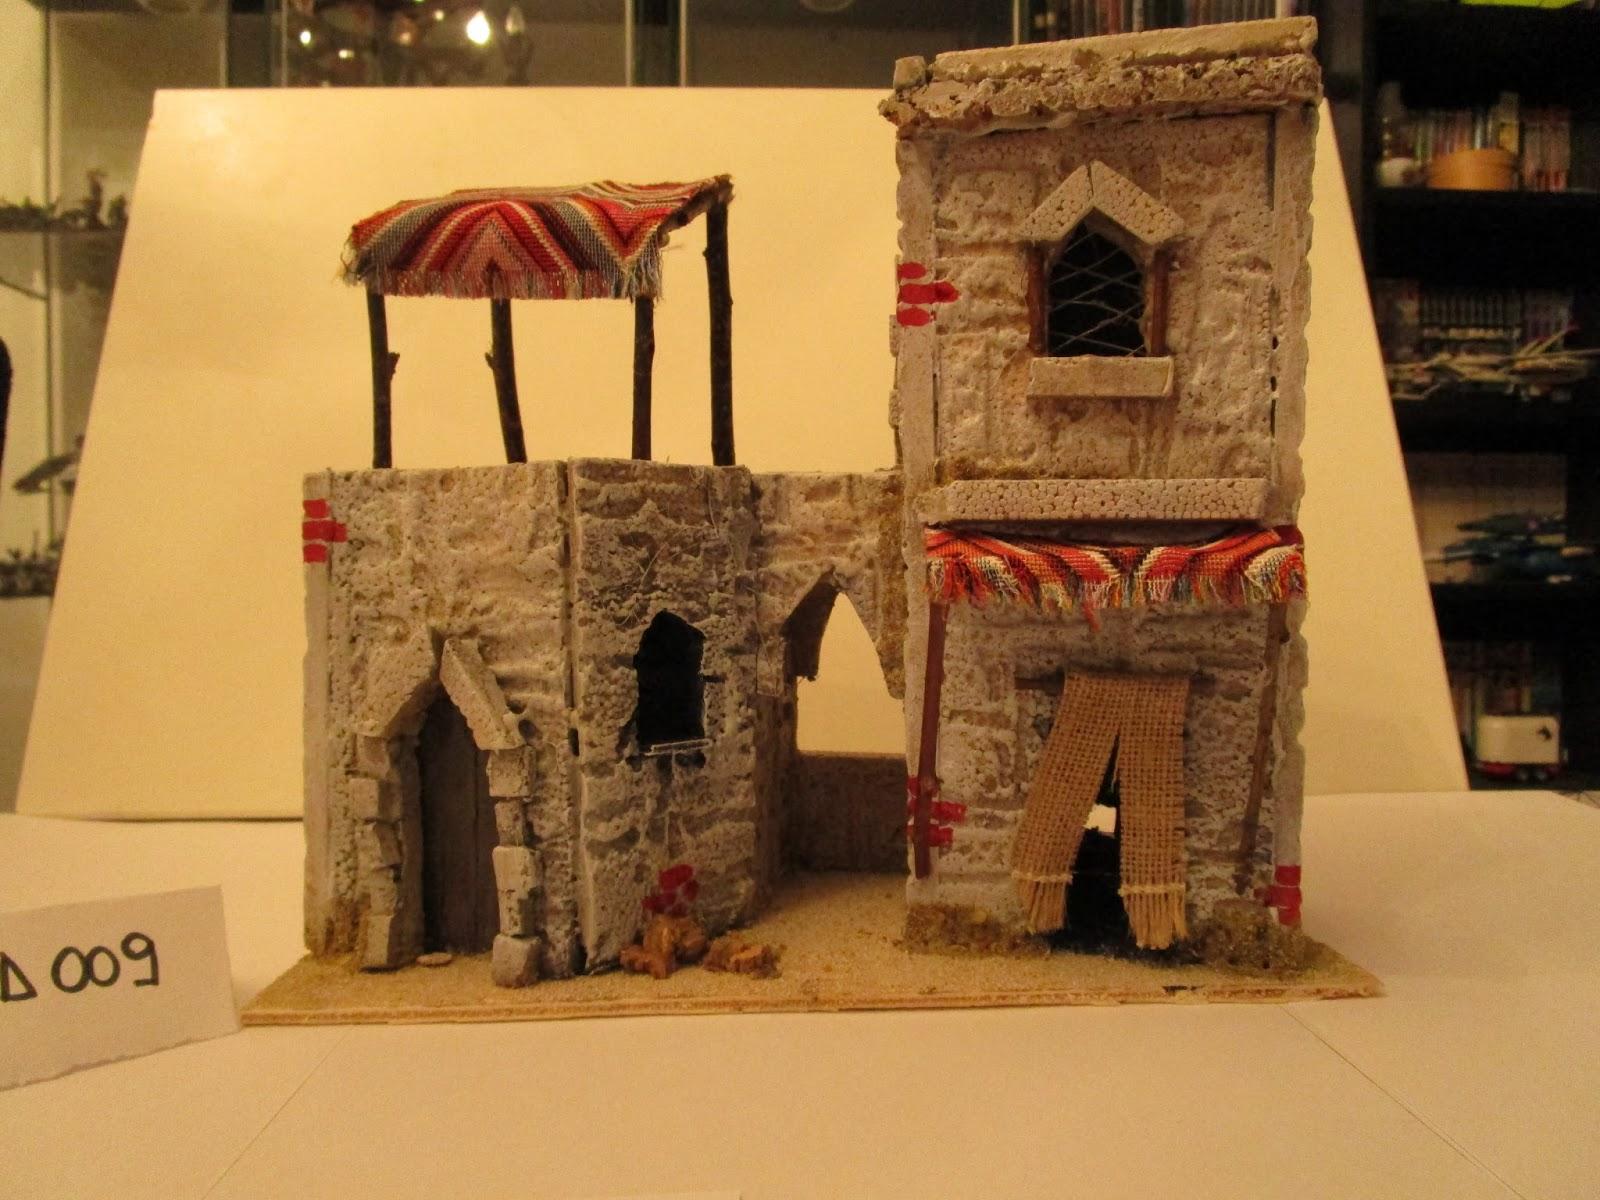 Accessori presepe di babu e meme giga casetta araba for Costruire una semplice capanna di legno